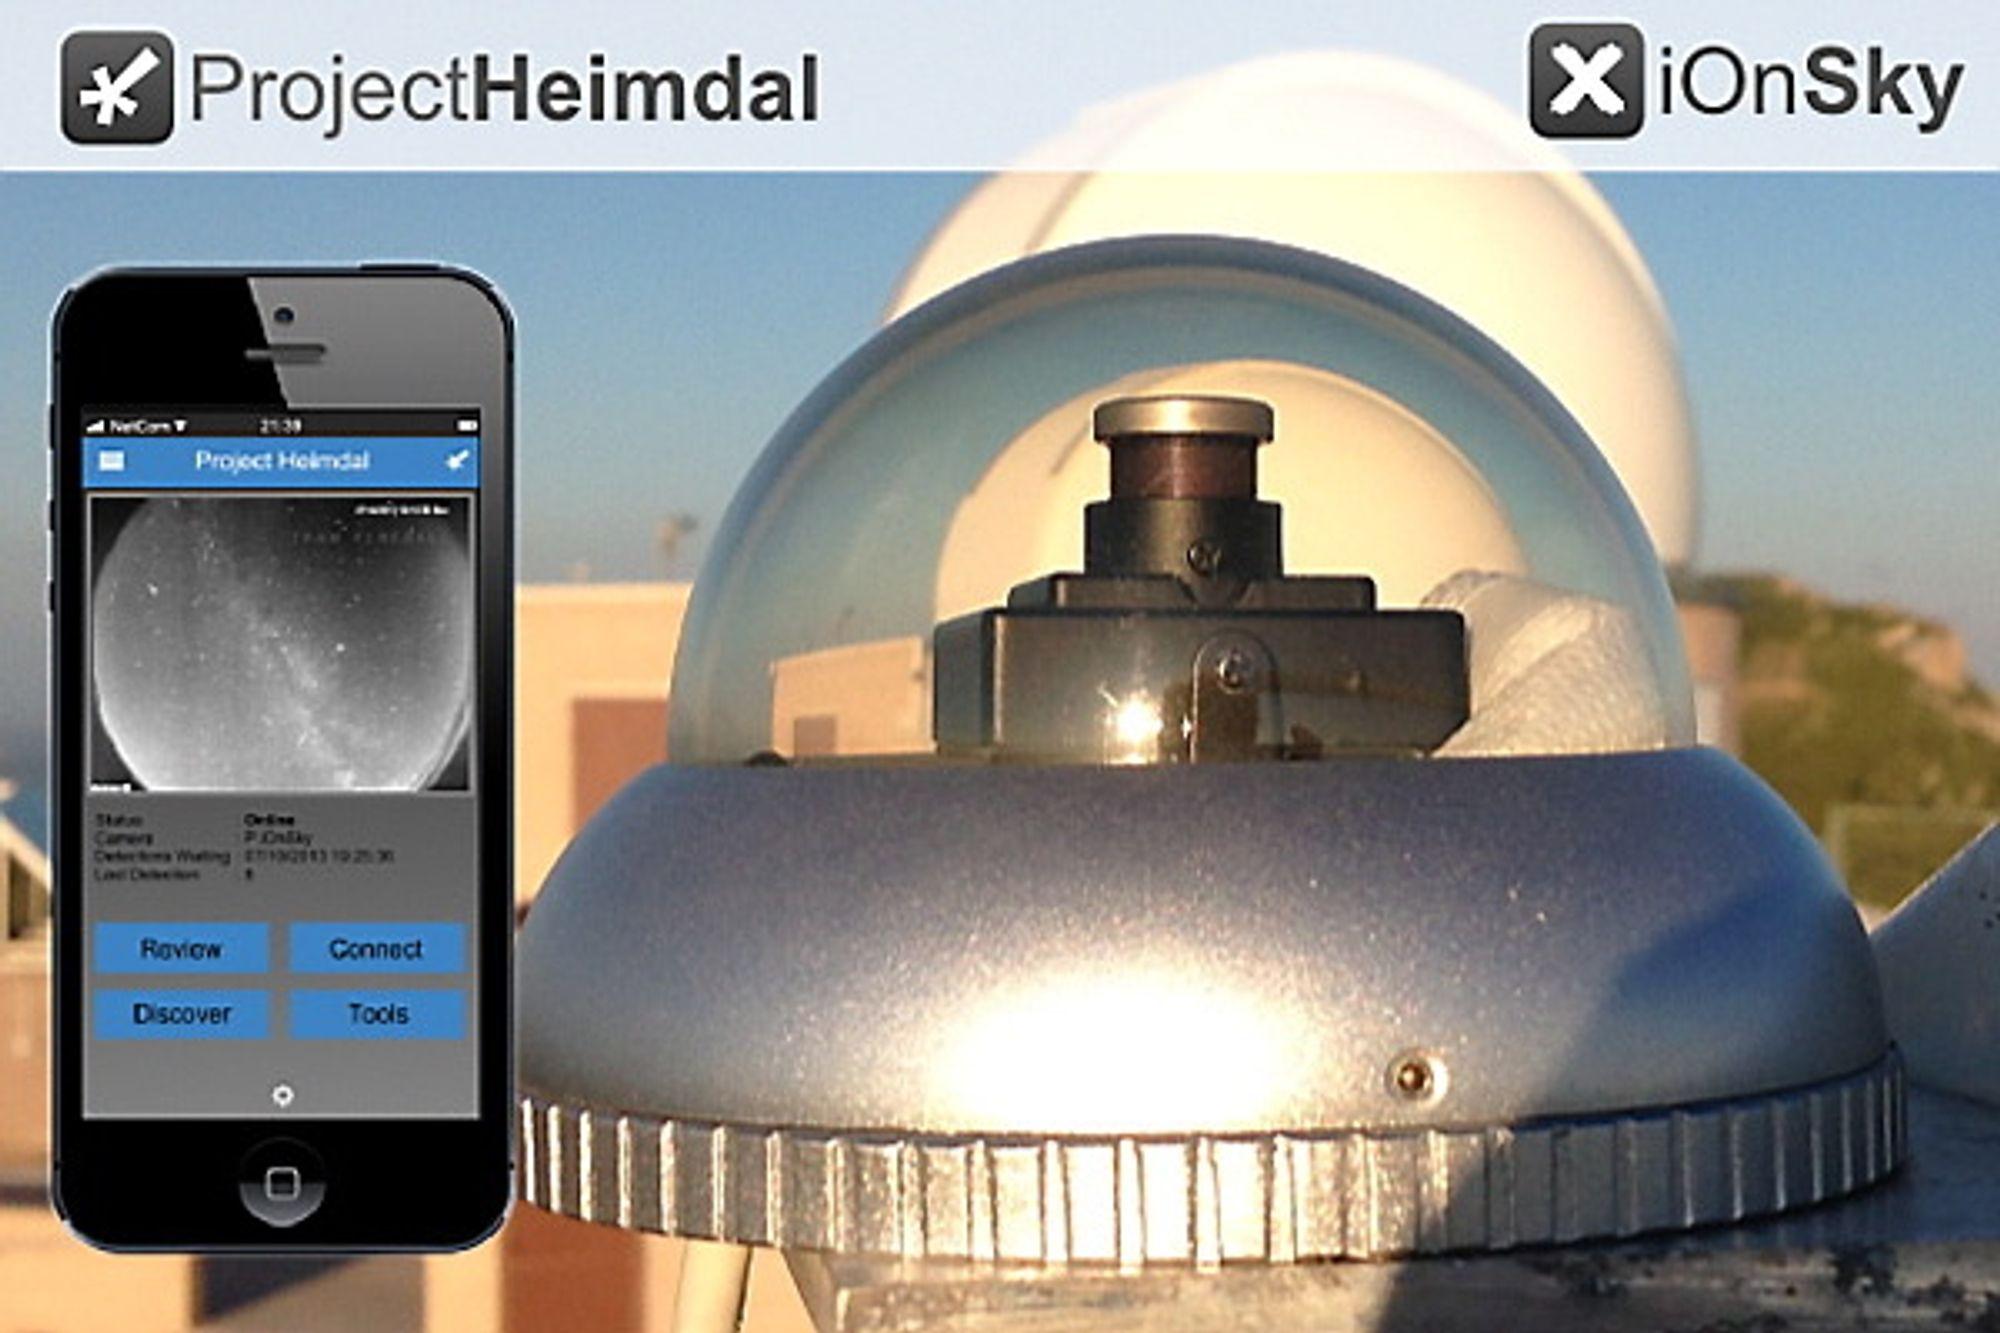 Et kamera med fisheye-linse skal levere data til en server som skal kunne stadfeste meteorittlandinger på jordkloden.